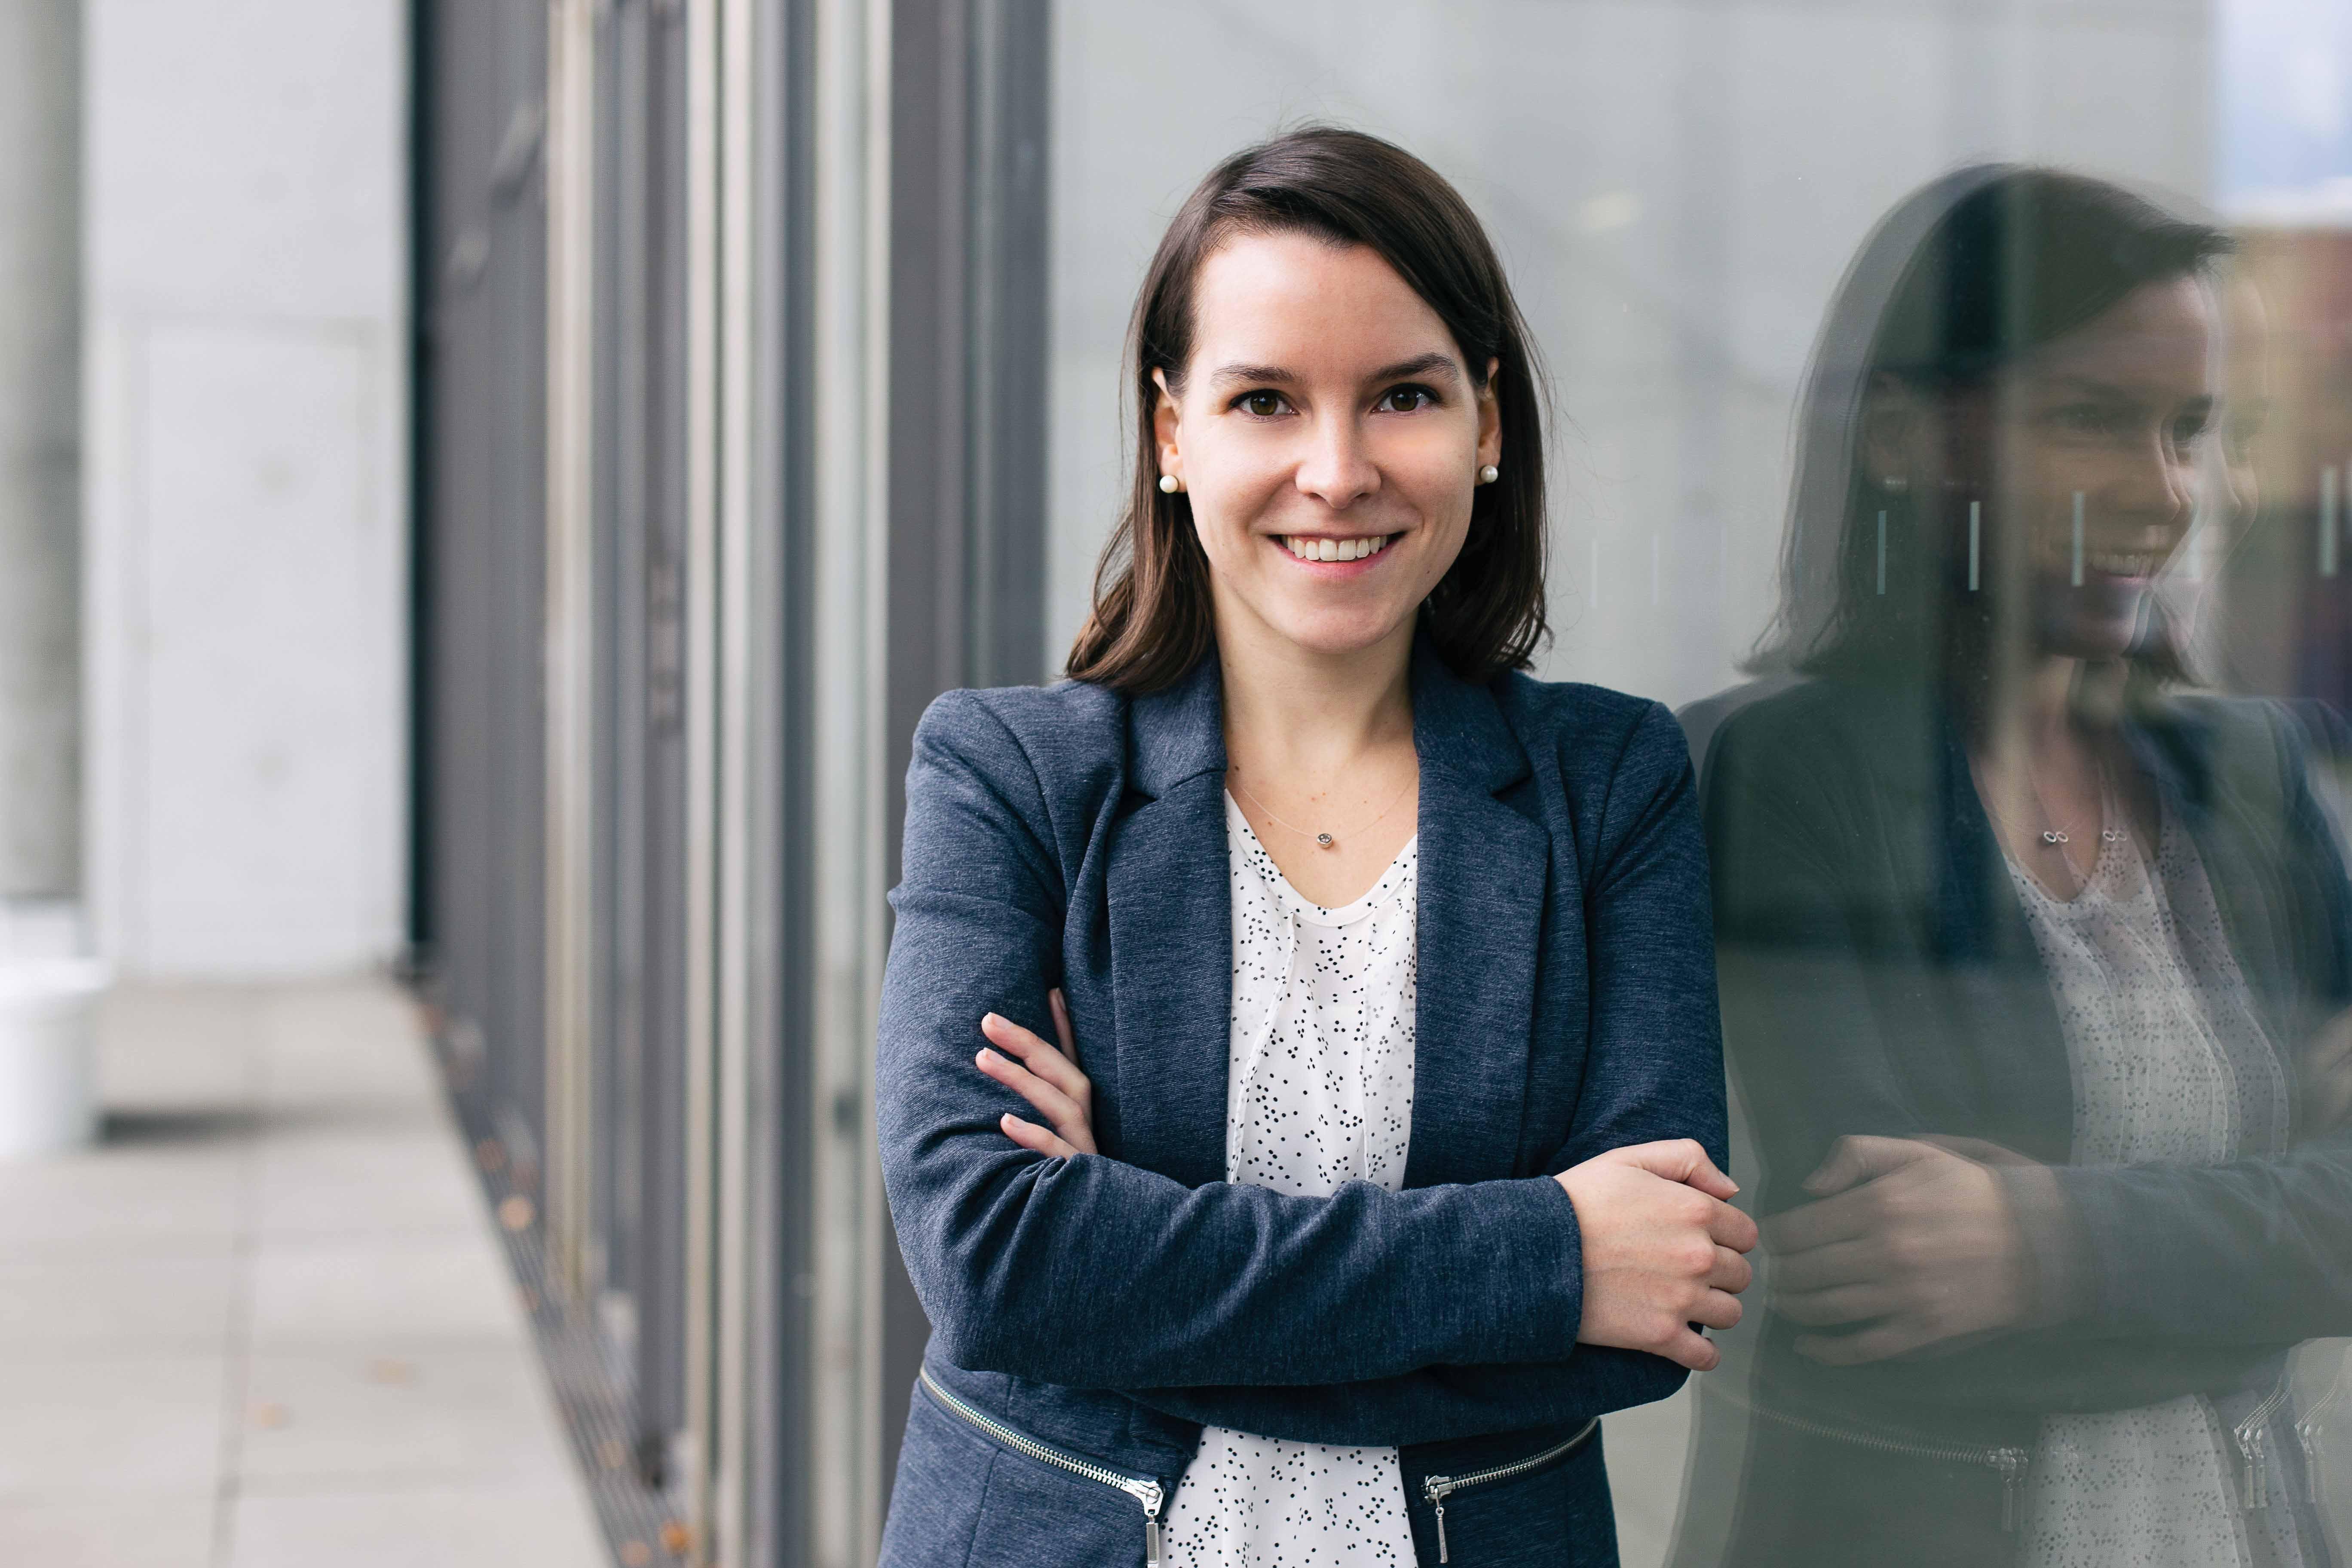 Bewerbungsfoto einer Studentin